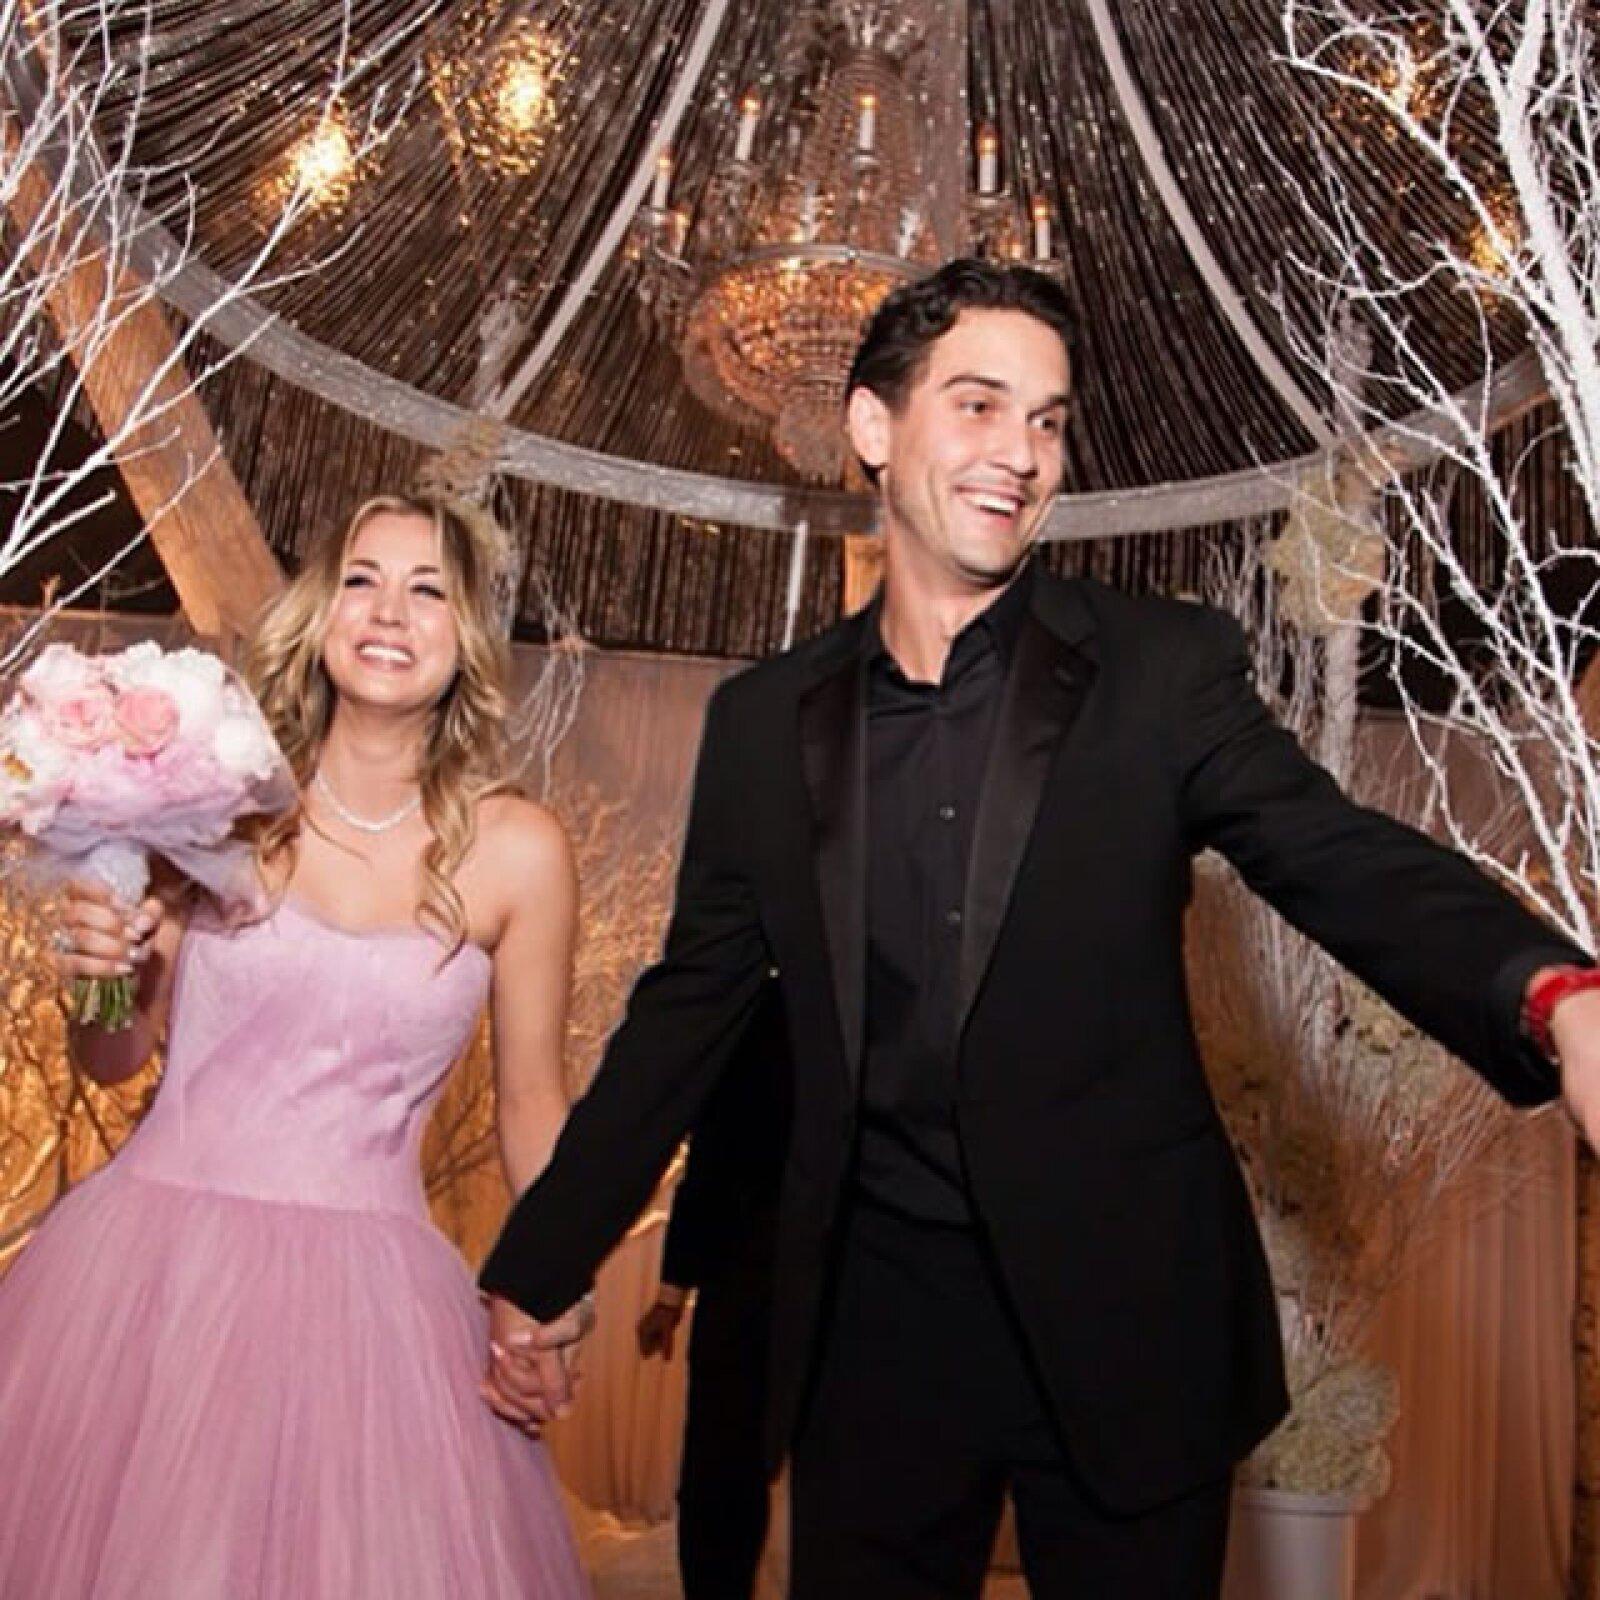 Kaley Cuoco: La actriz eligió casarse en un vestido rosa de Vera Wang.